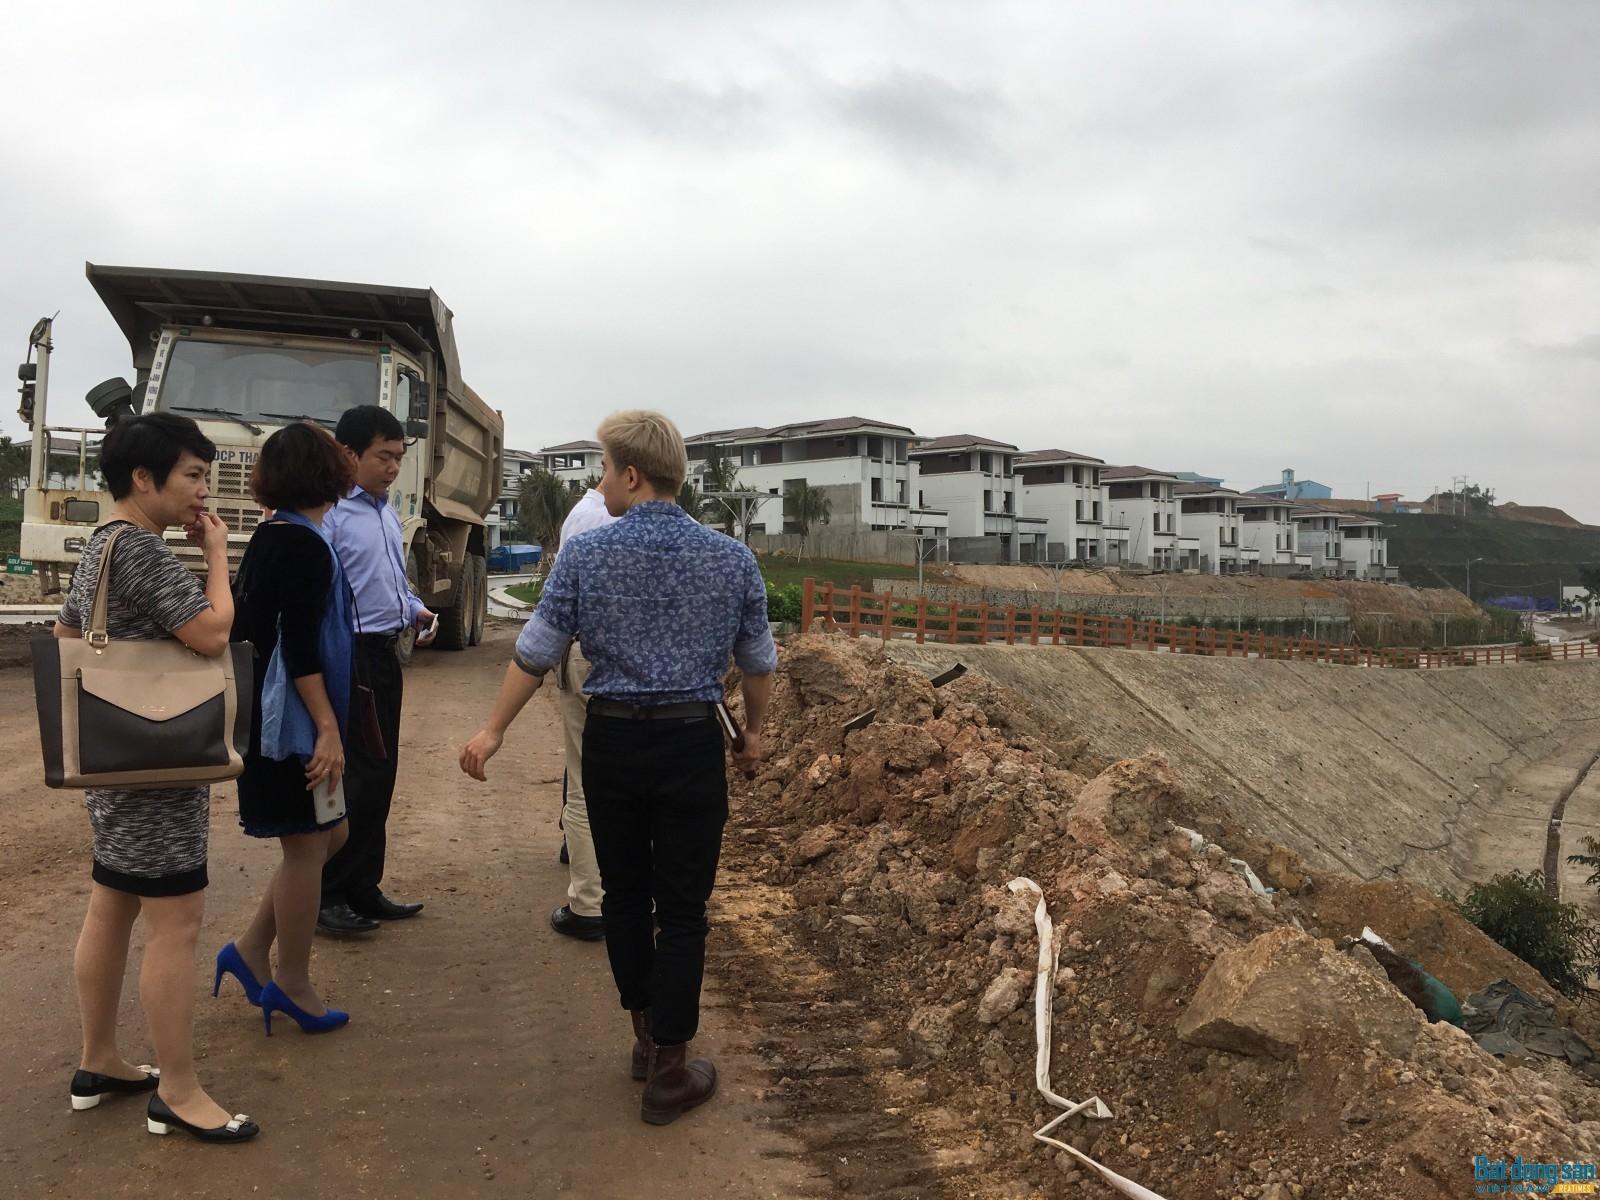 Các thành viên Hội đồng giám khảo Giải thưởng Quốc gia Bất động sản Việt Nam đã có quá trình khảo sát kỹ lưỡng các dự án tham gia tranh giải.